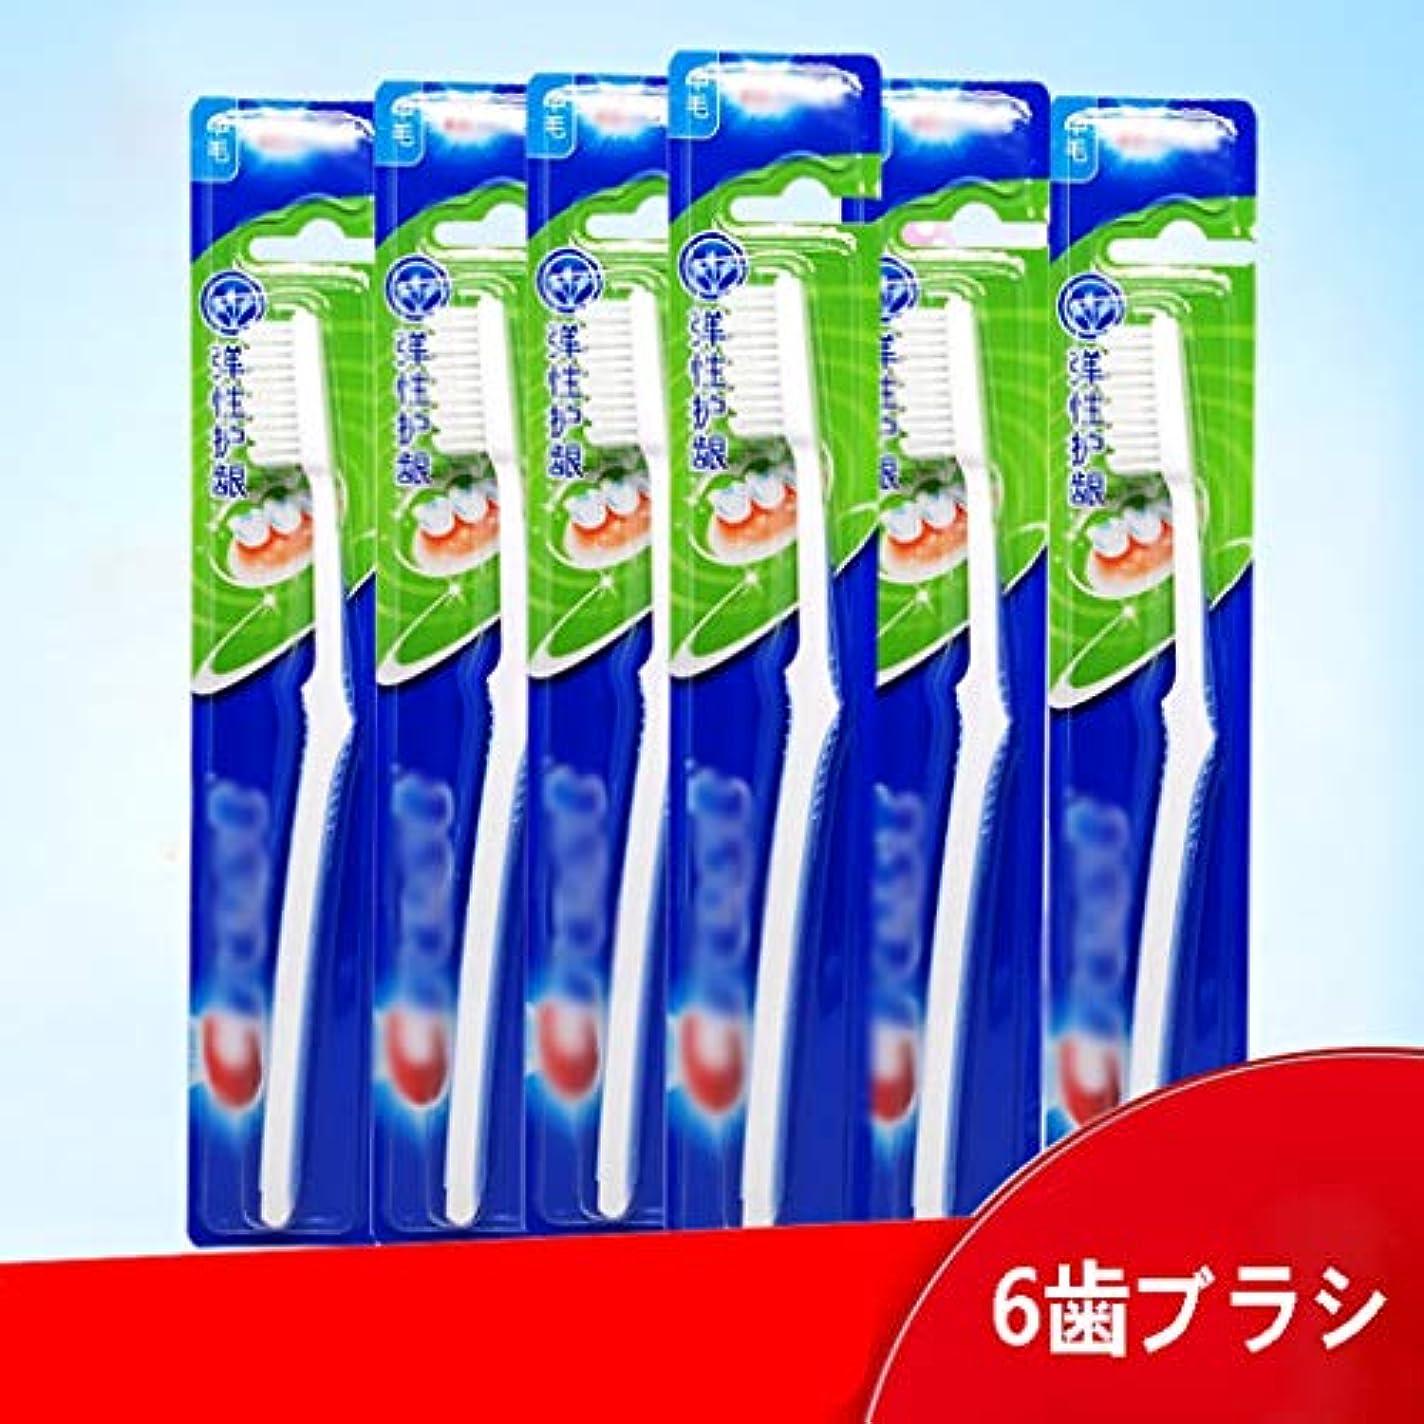 コントロール喪成長超柔らかい歯ブラシ、歯ブラシCarryable、6パック(ランダムカラー)